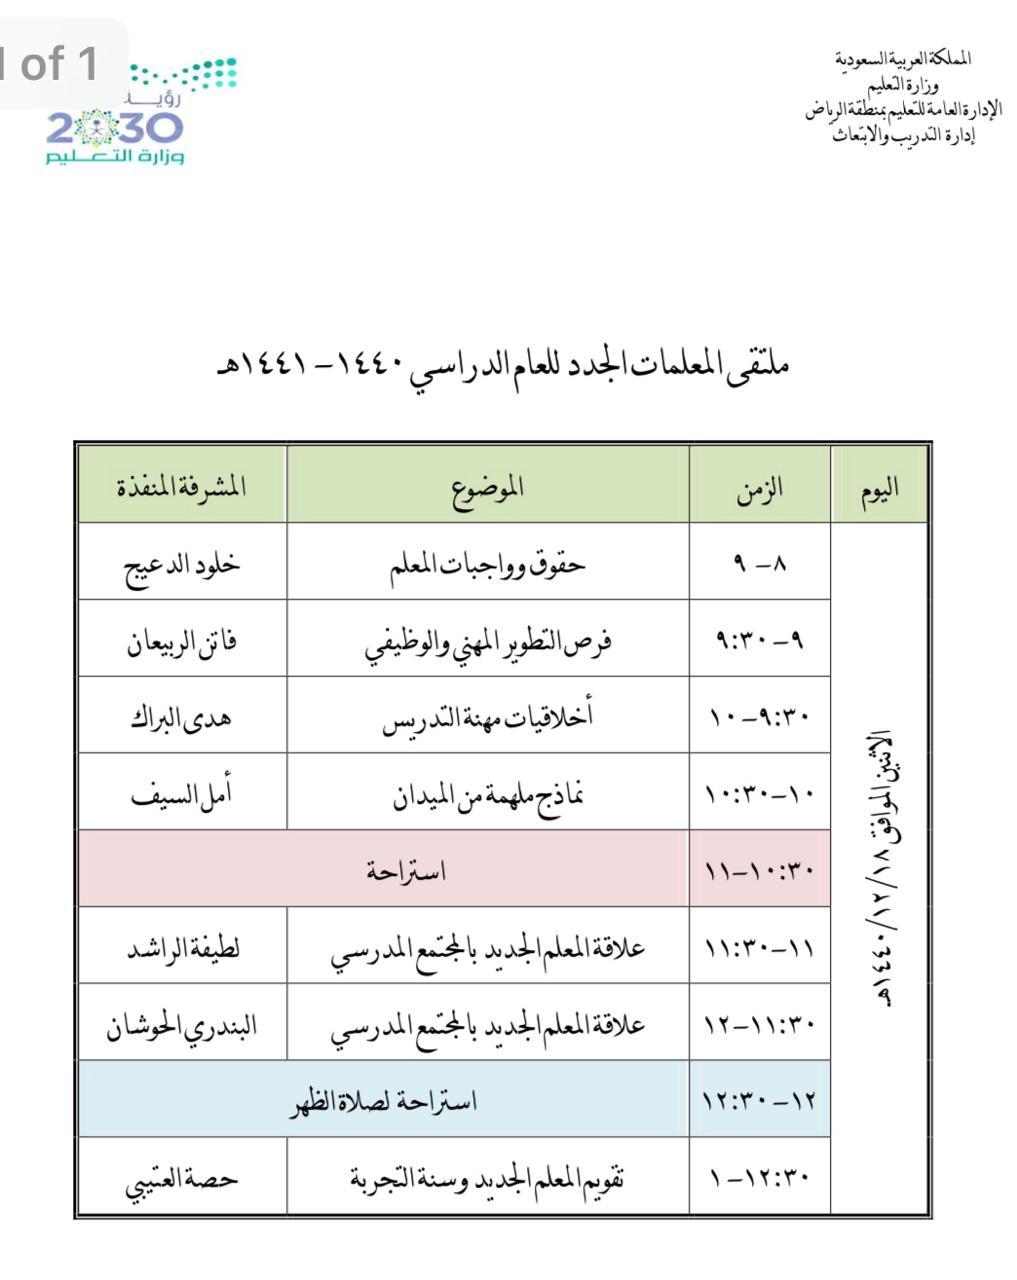 برنامج تدريبي لتهيئة 19 معلمة جديدة في تعليم الرياض